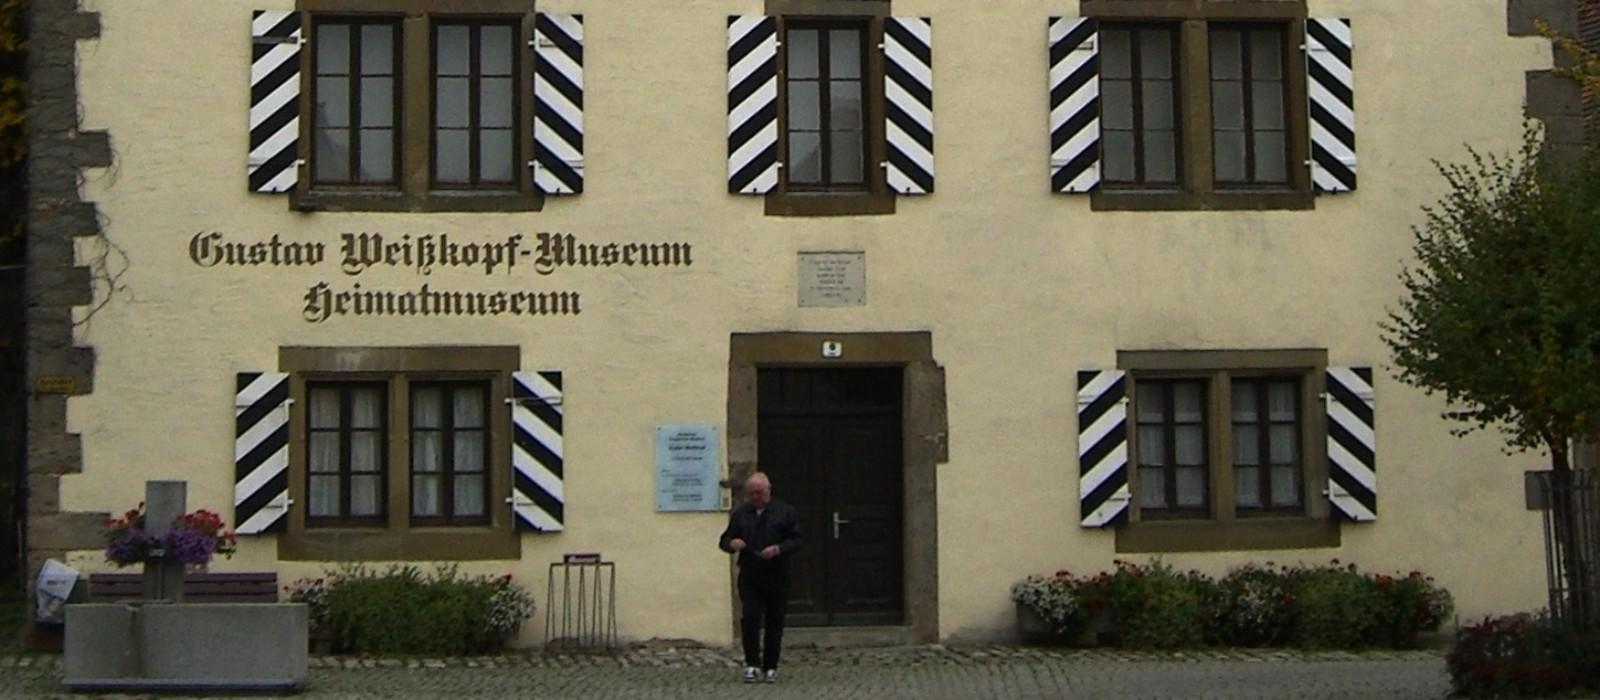 Fassade Deutsches Flugpioniermuseum